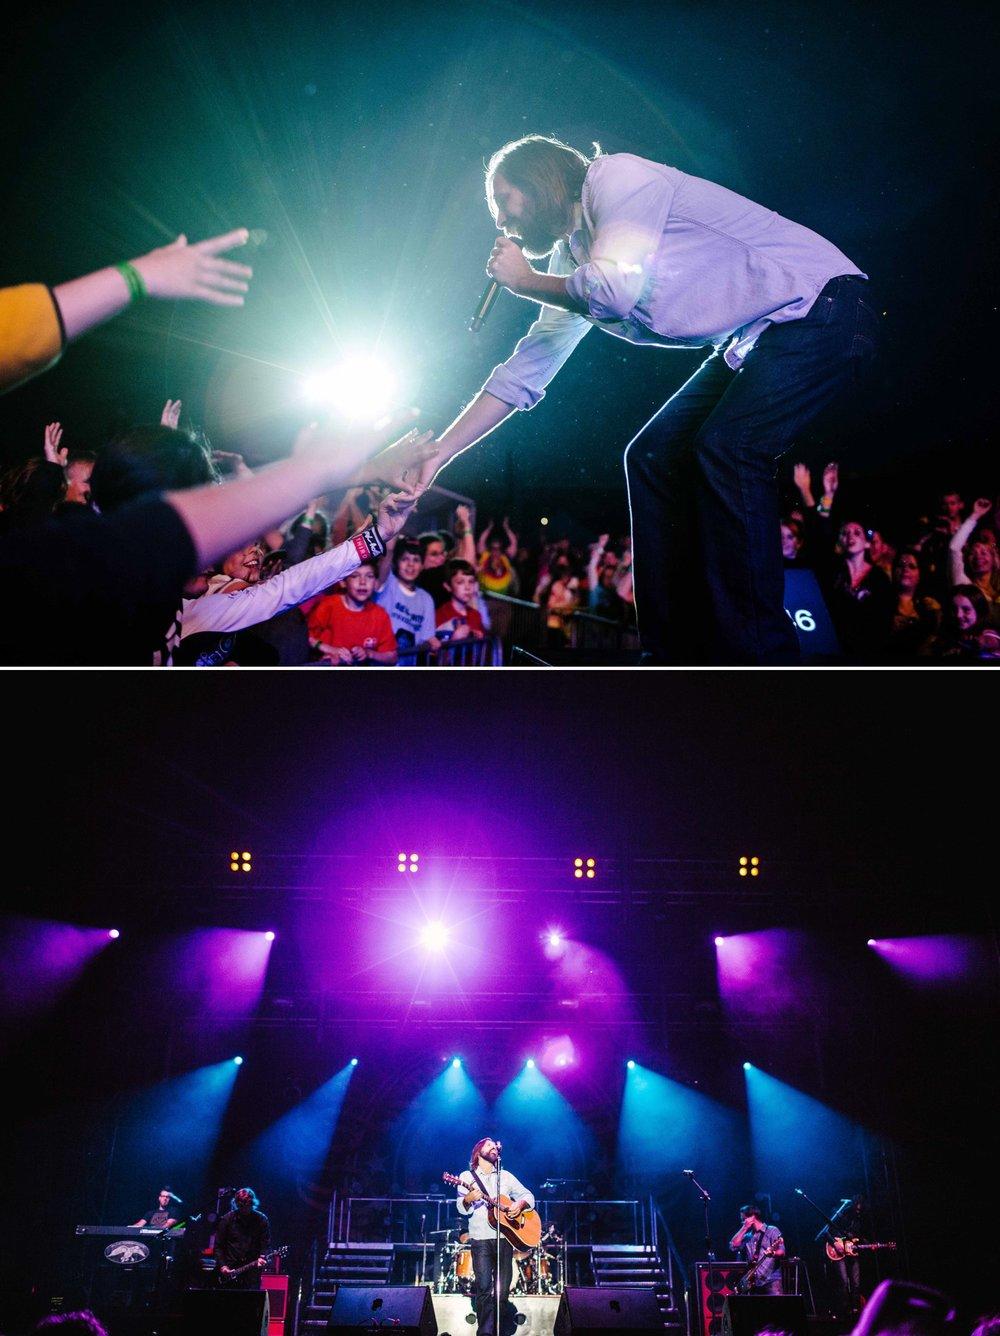 Russell Heeter Concert Photography_0014.jpg